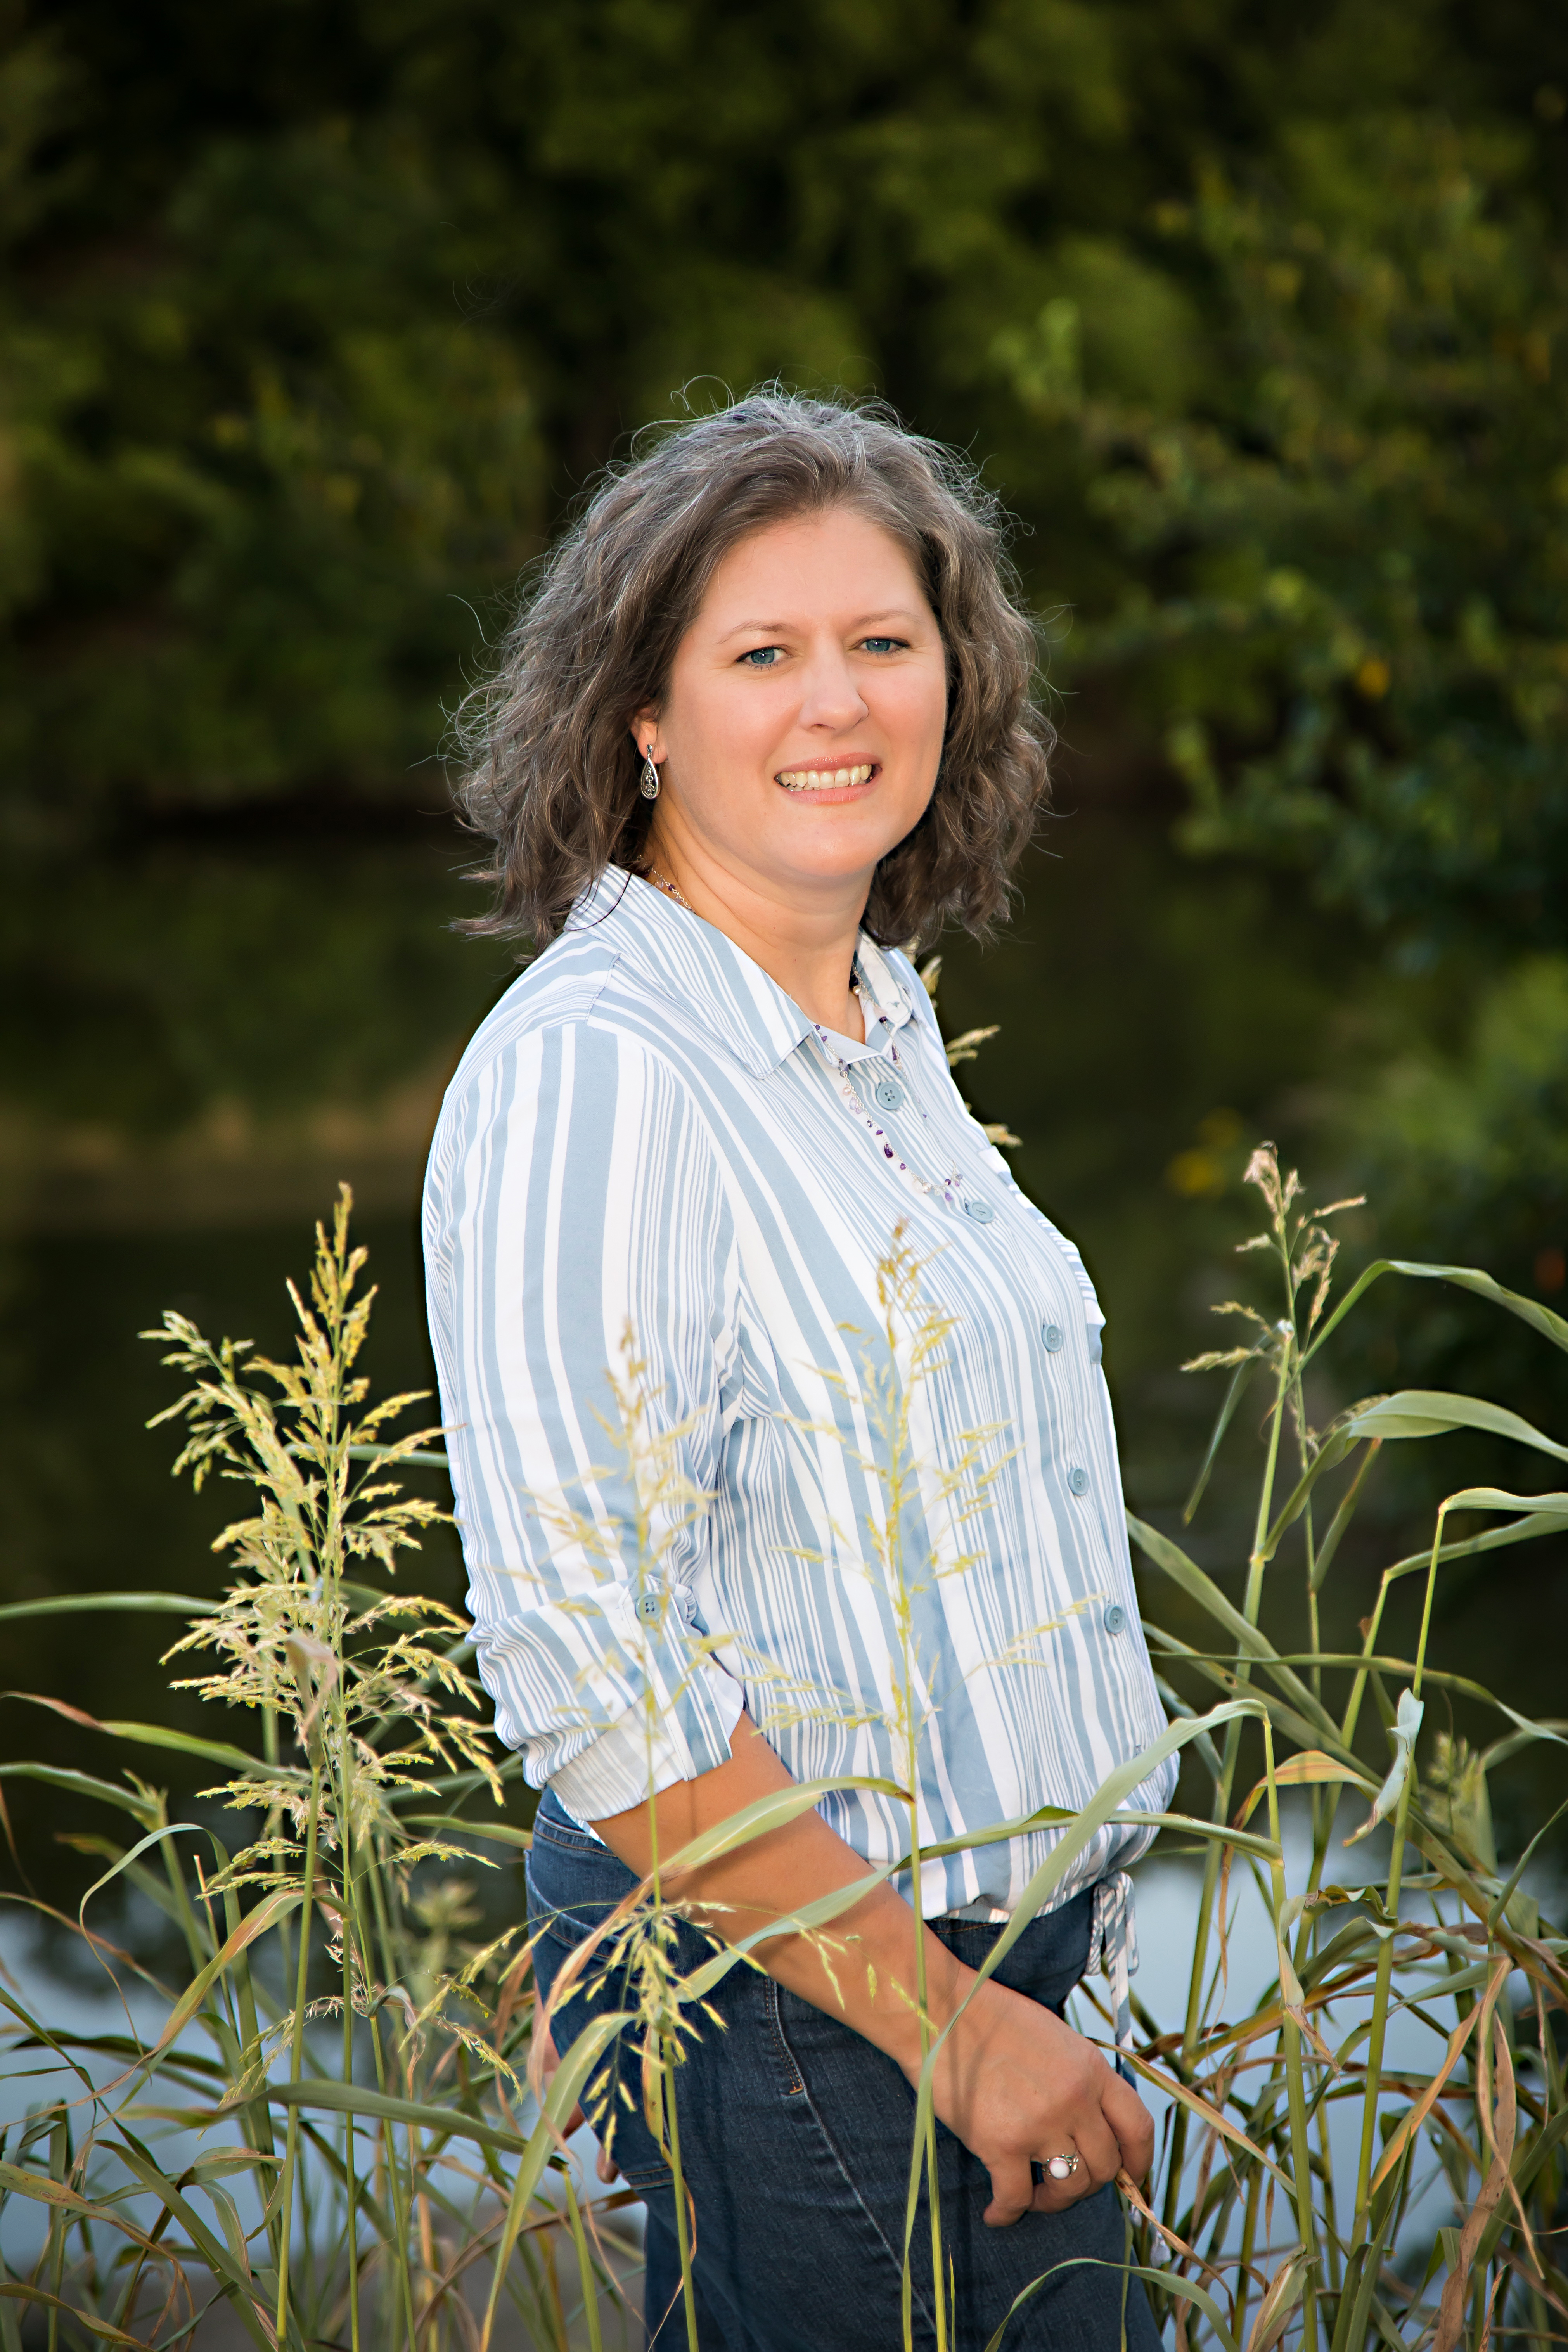 Carrie Dunn